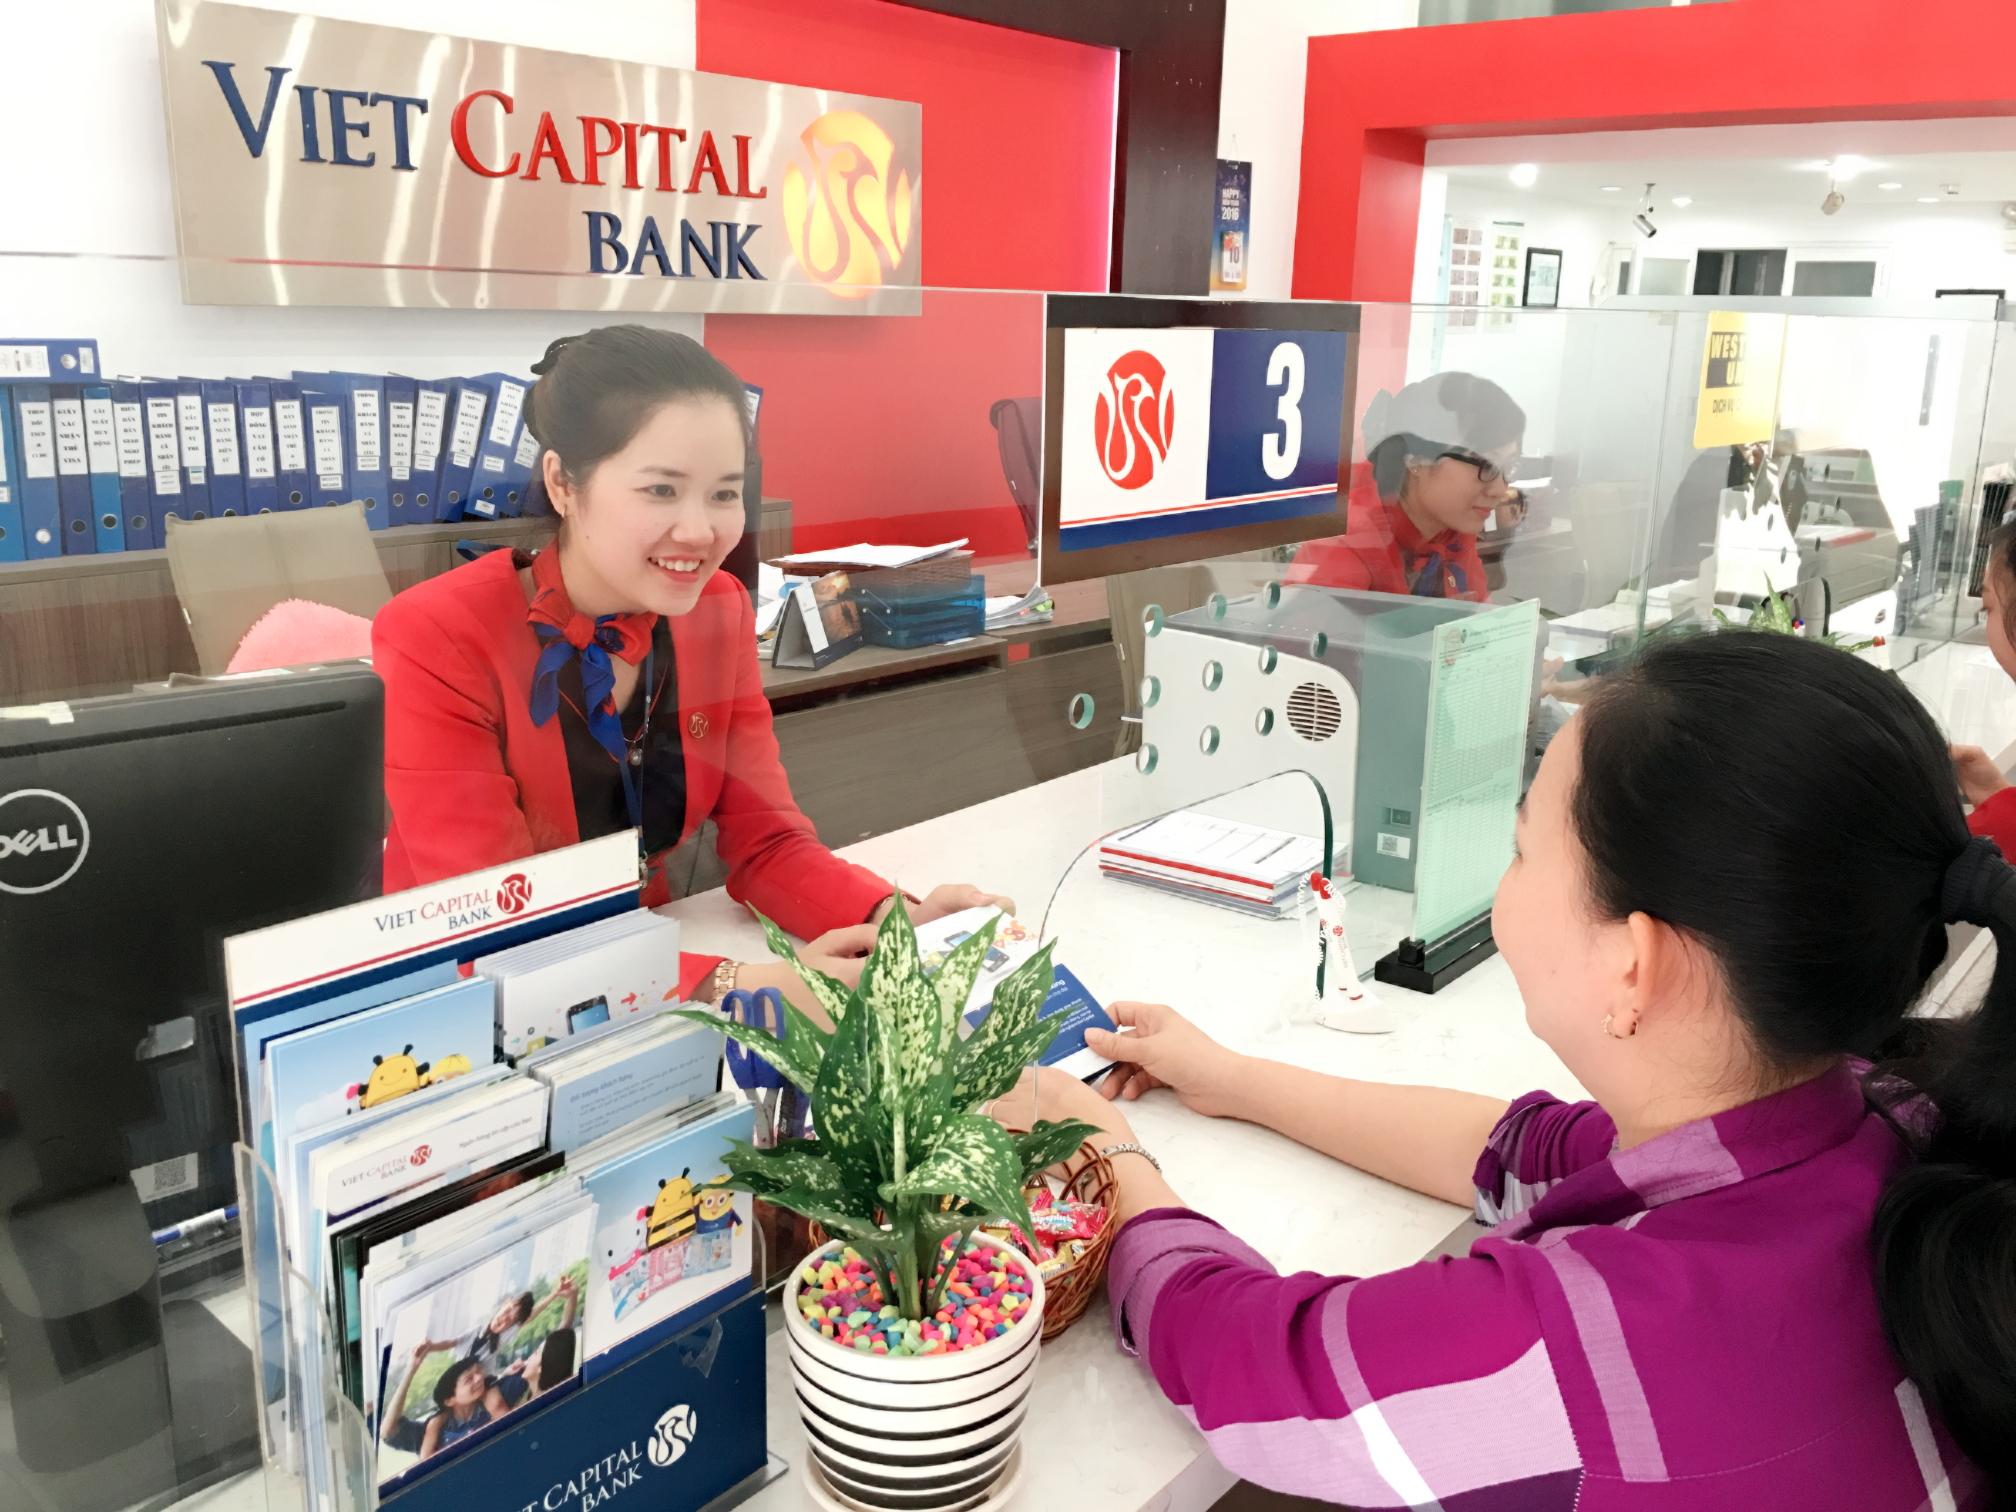 Lãi suất ngân hàng Bản Việt tháng 6/2020: Cao nhất là 8,5%/năm - Ảnh 1.